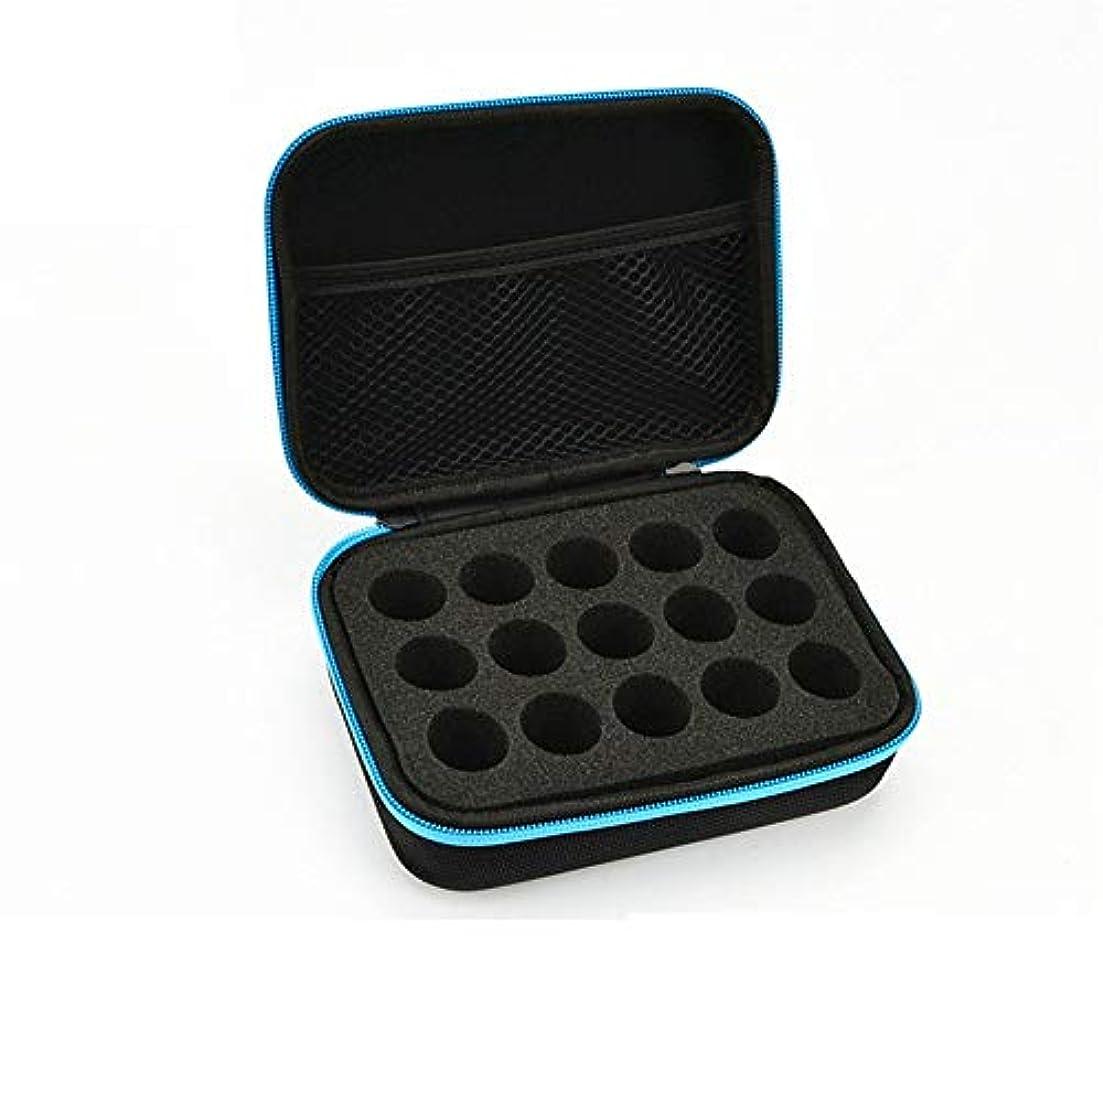 類似性後悔静かにエッセンシャルオイルボックス 油を整理して表示するために使用される10 15ミリリットルのパッケージ旅行の主催袋のための石油貯蔵スーツケースワーク アロマセラピー収納ボックス (色 : 青, サイズ : 17X12.5X6CM)